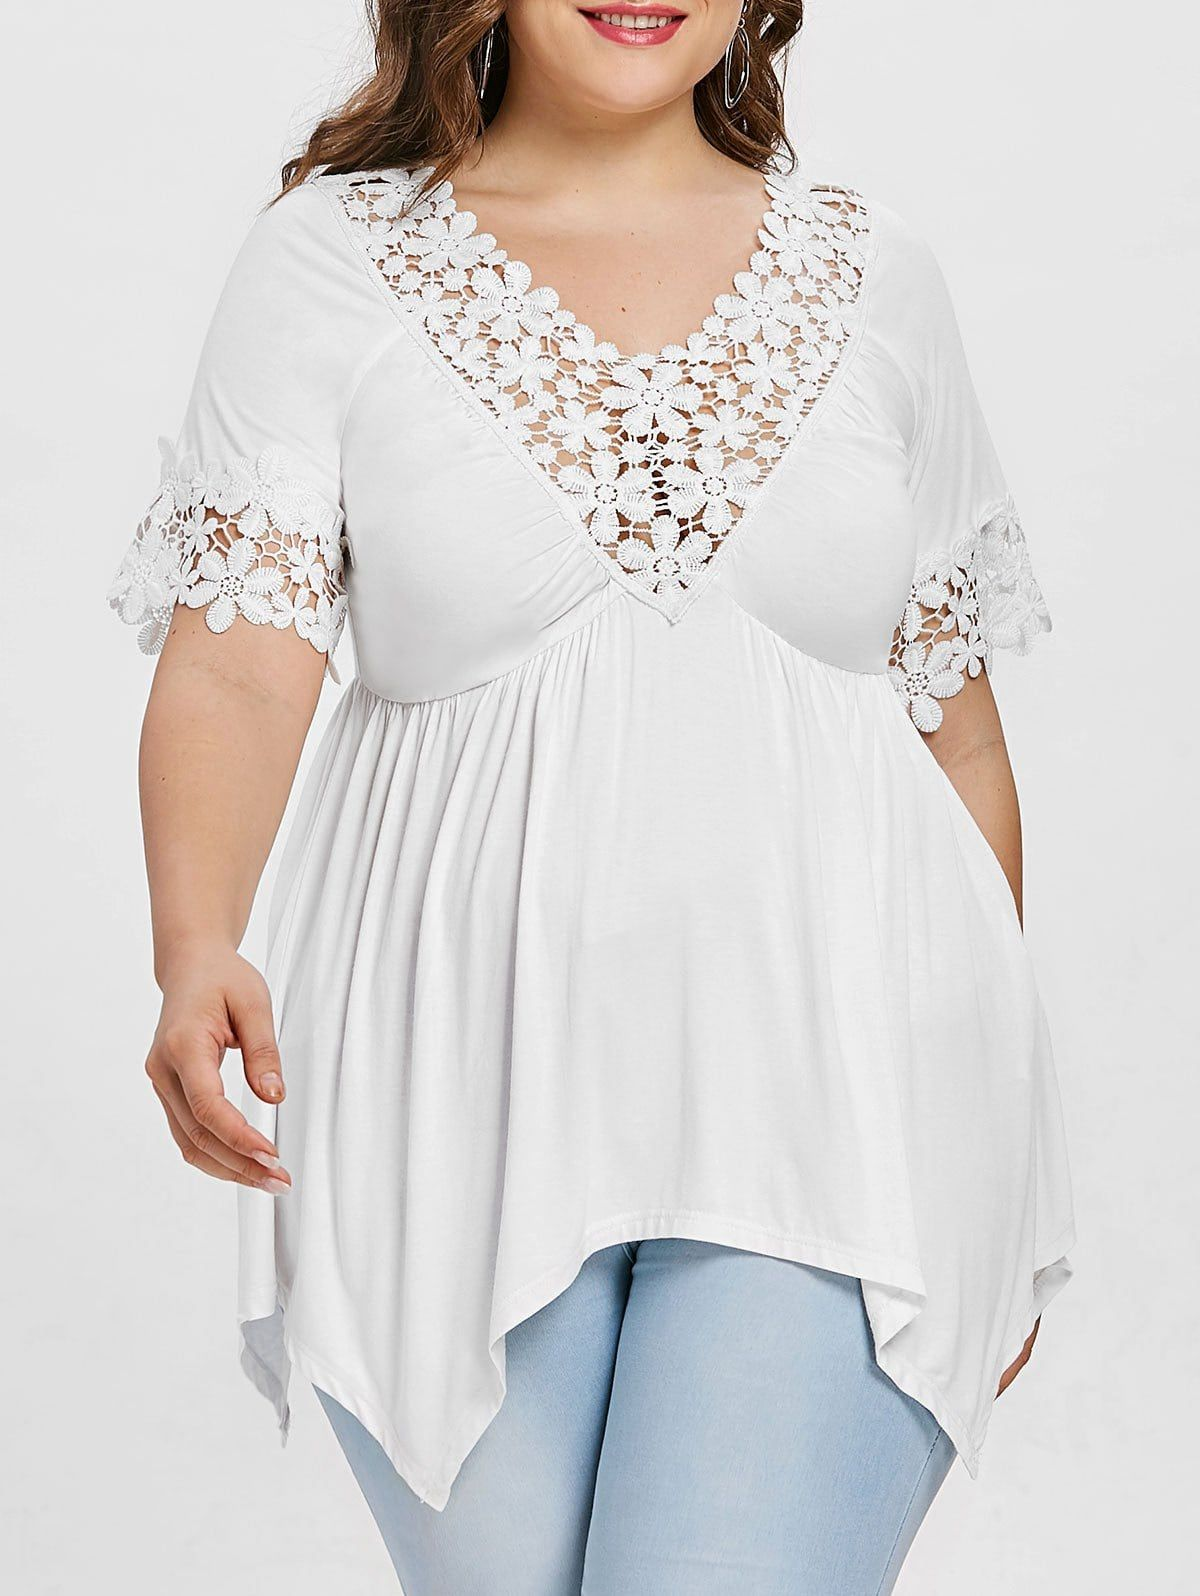 Plus Size Cutwork V Neck Handkerchief T Shirt Plus Size Dresses Australia Fashion Plus Size [ 1596 x 1200 Pixel ]